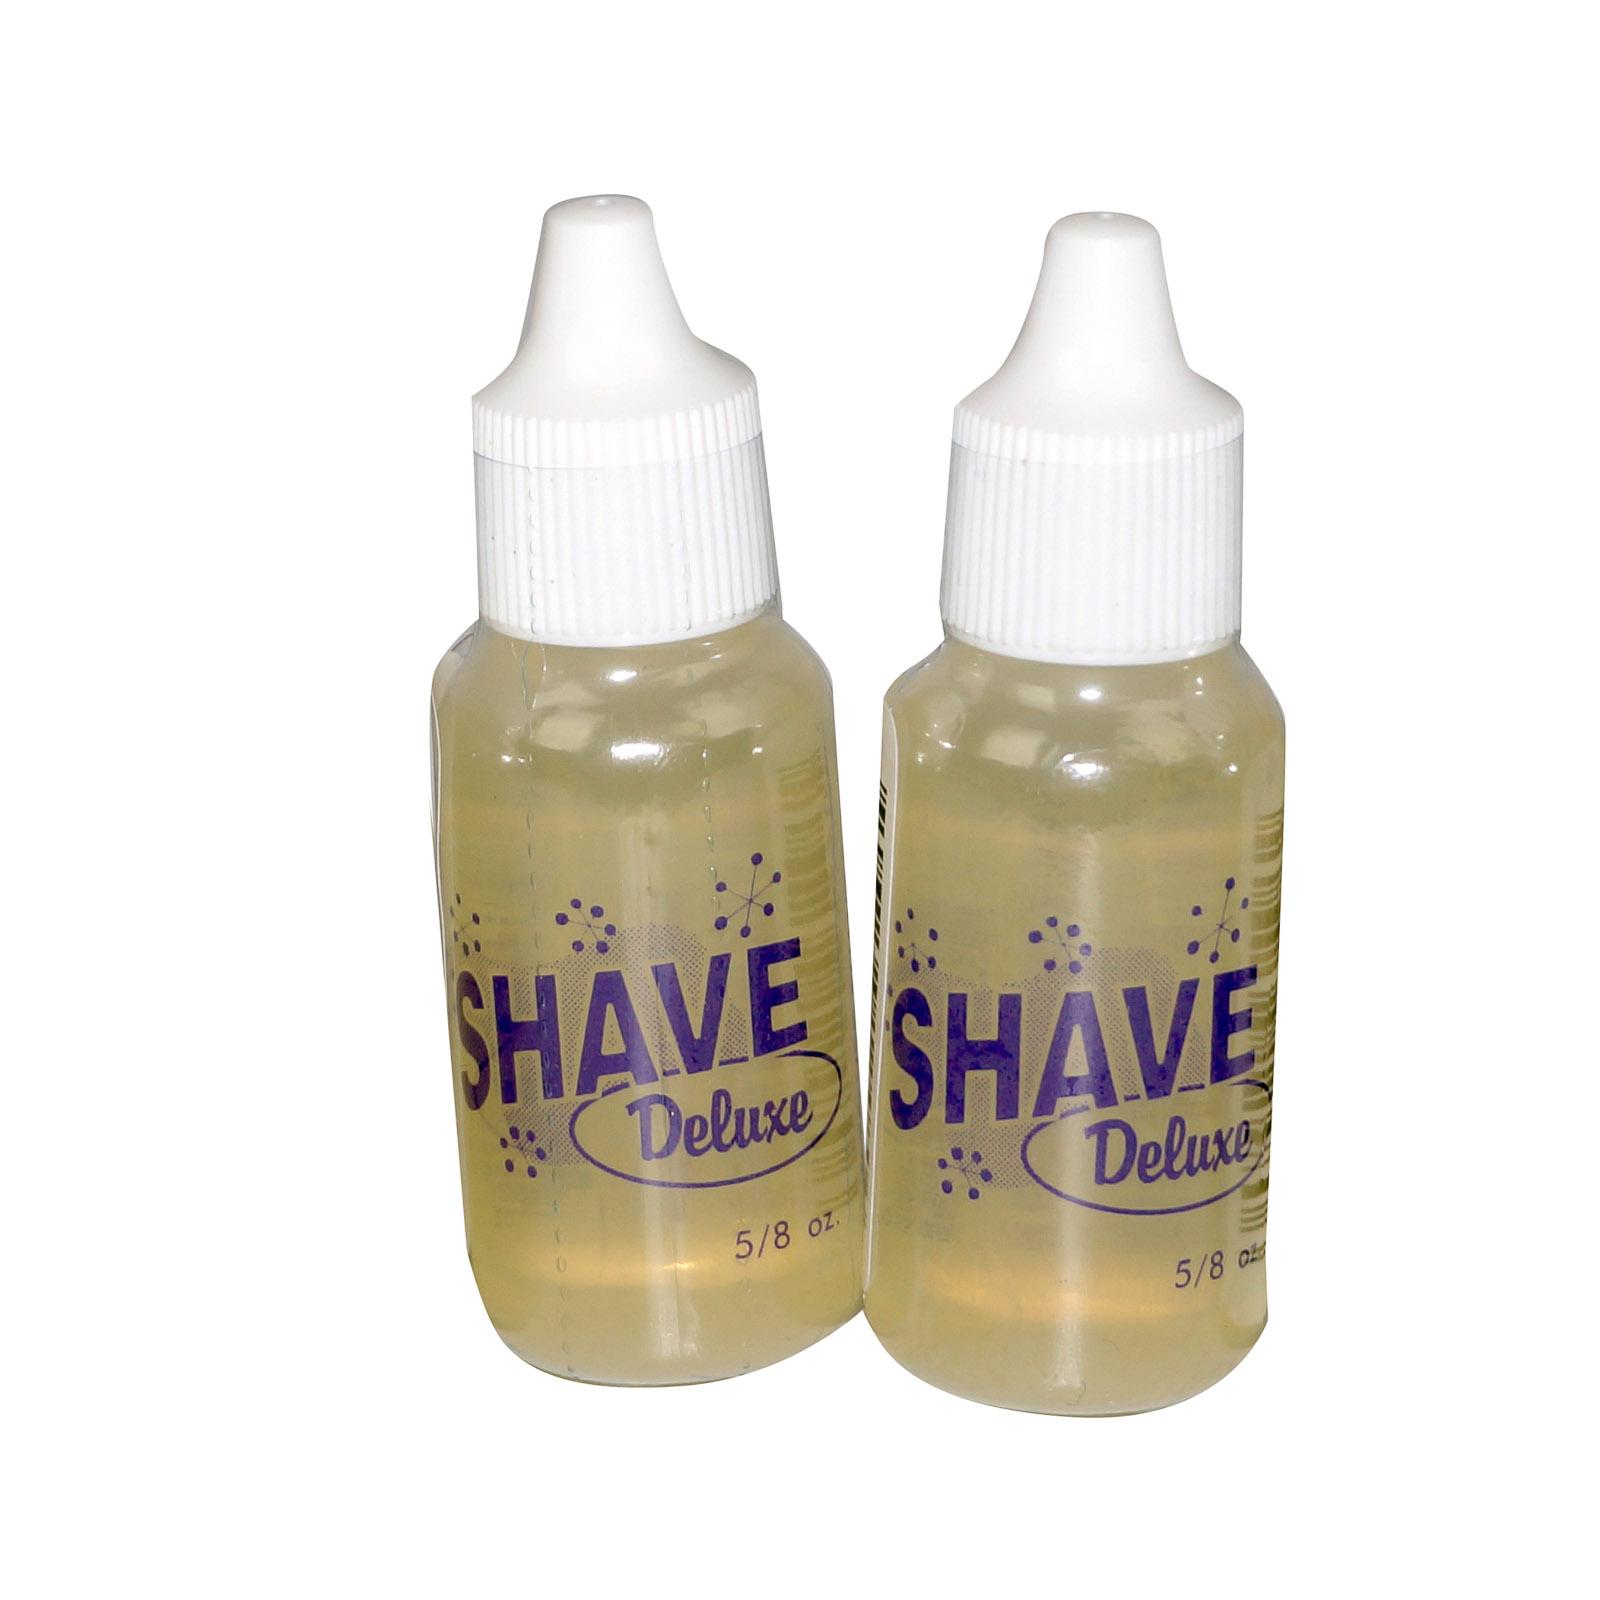 Shave secret oil review